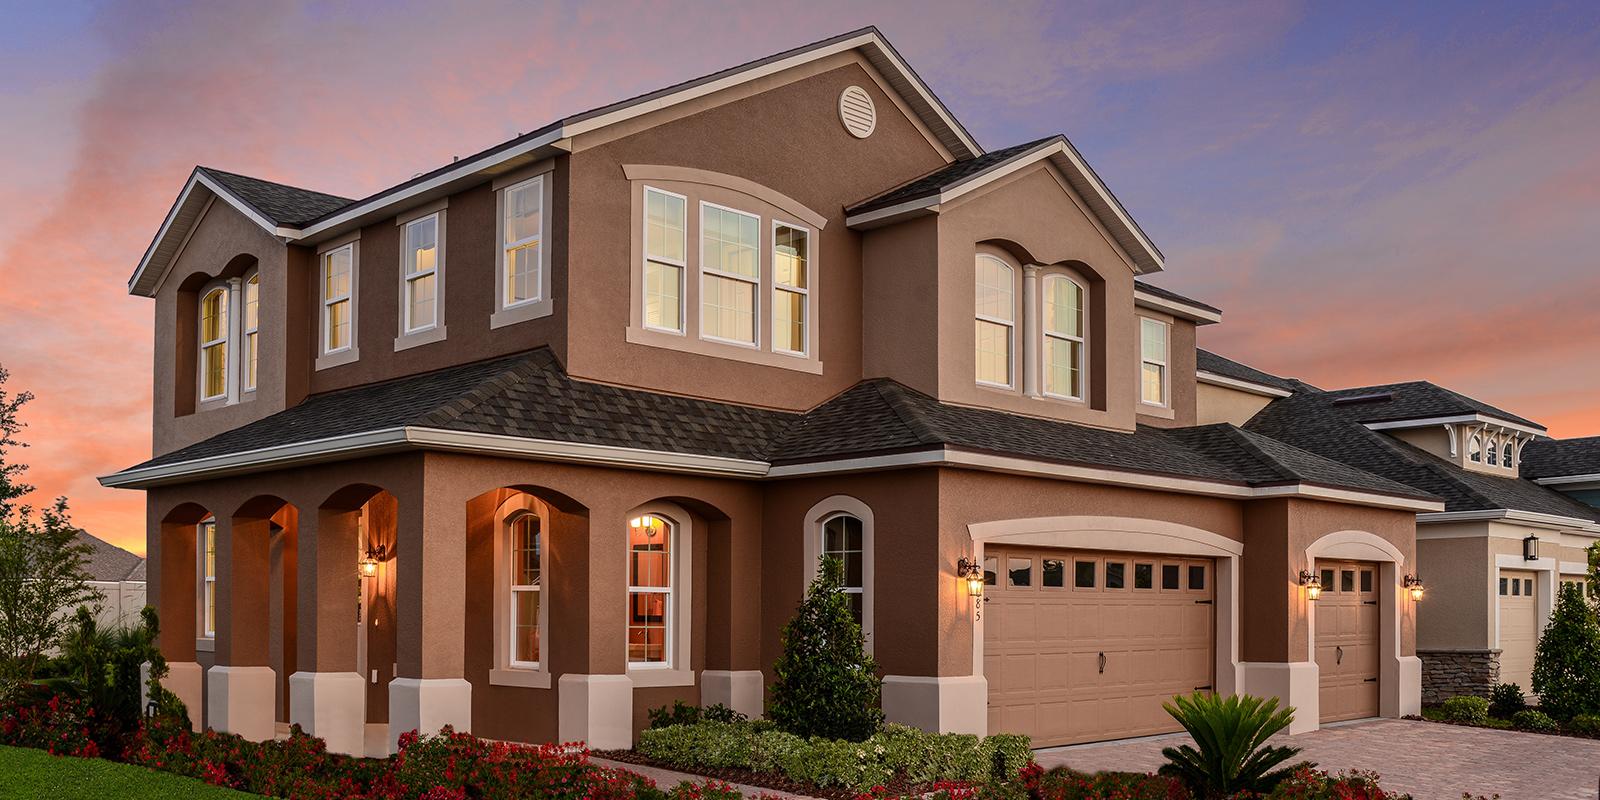 Casas para alugar em Orlando eua